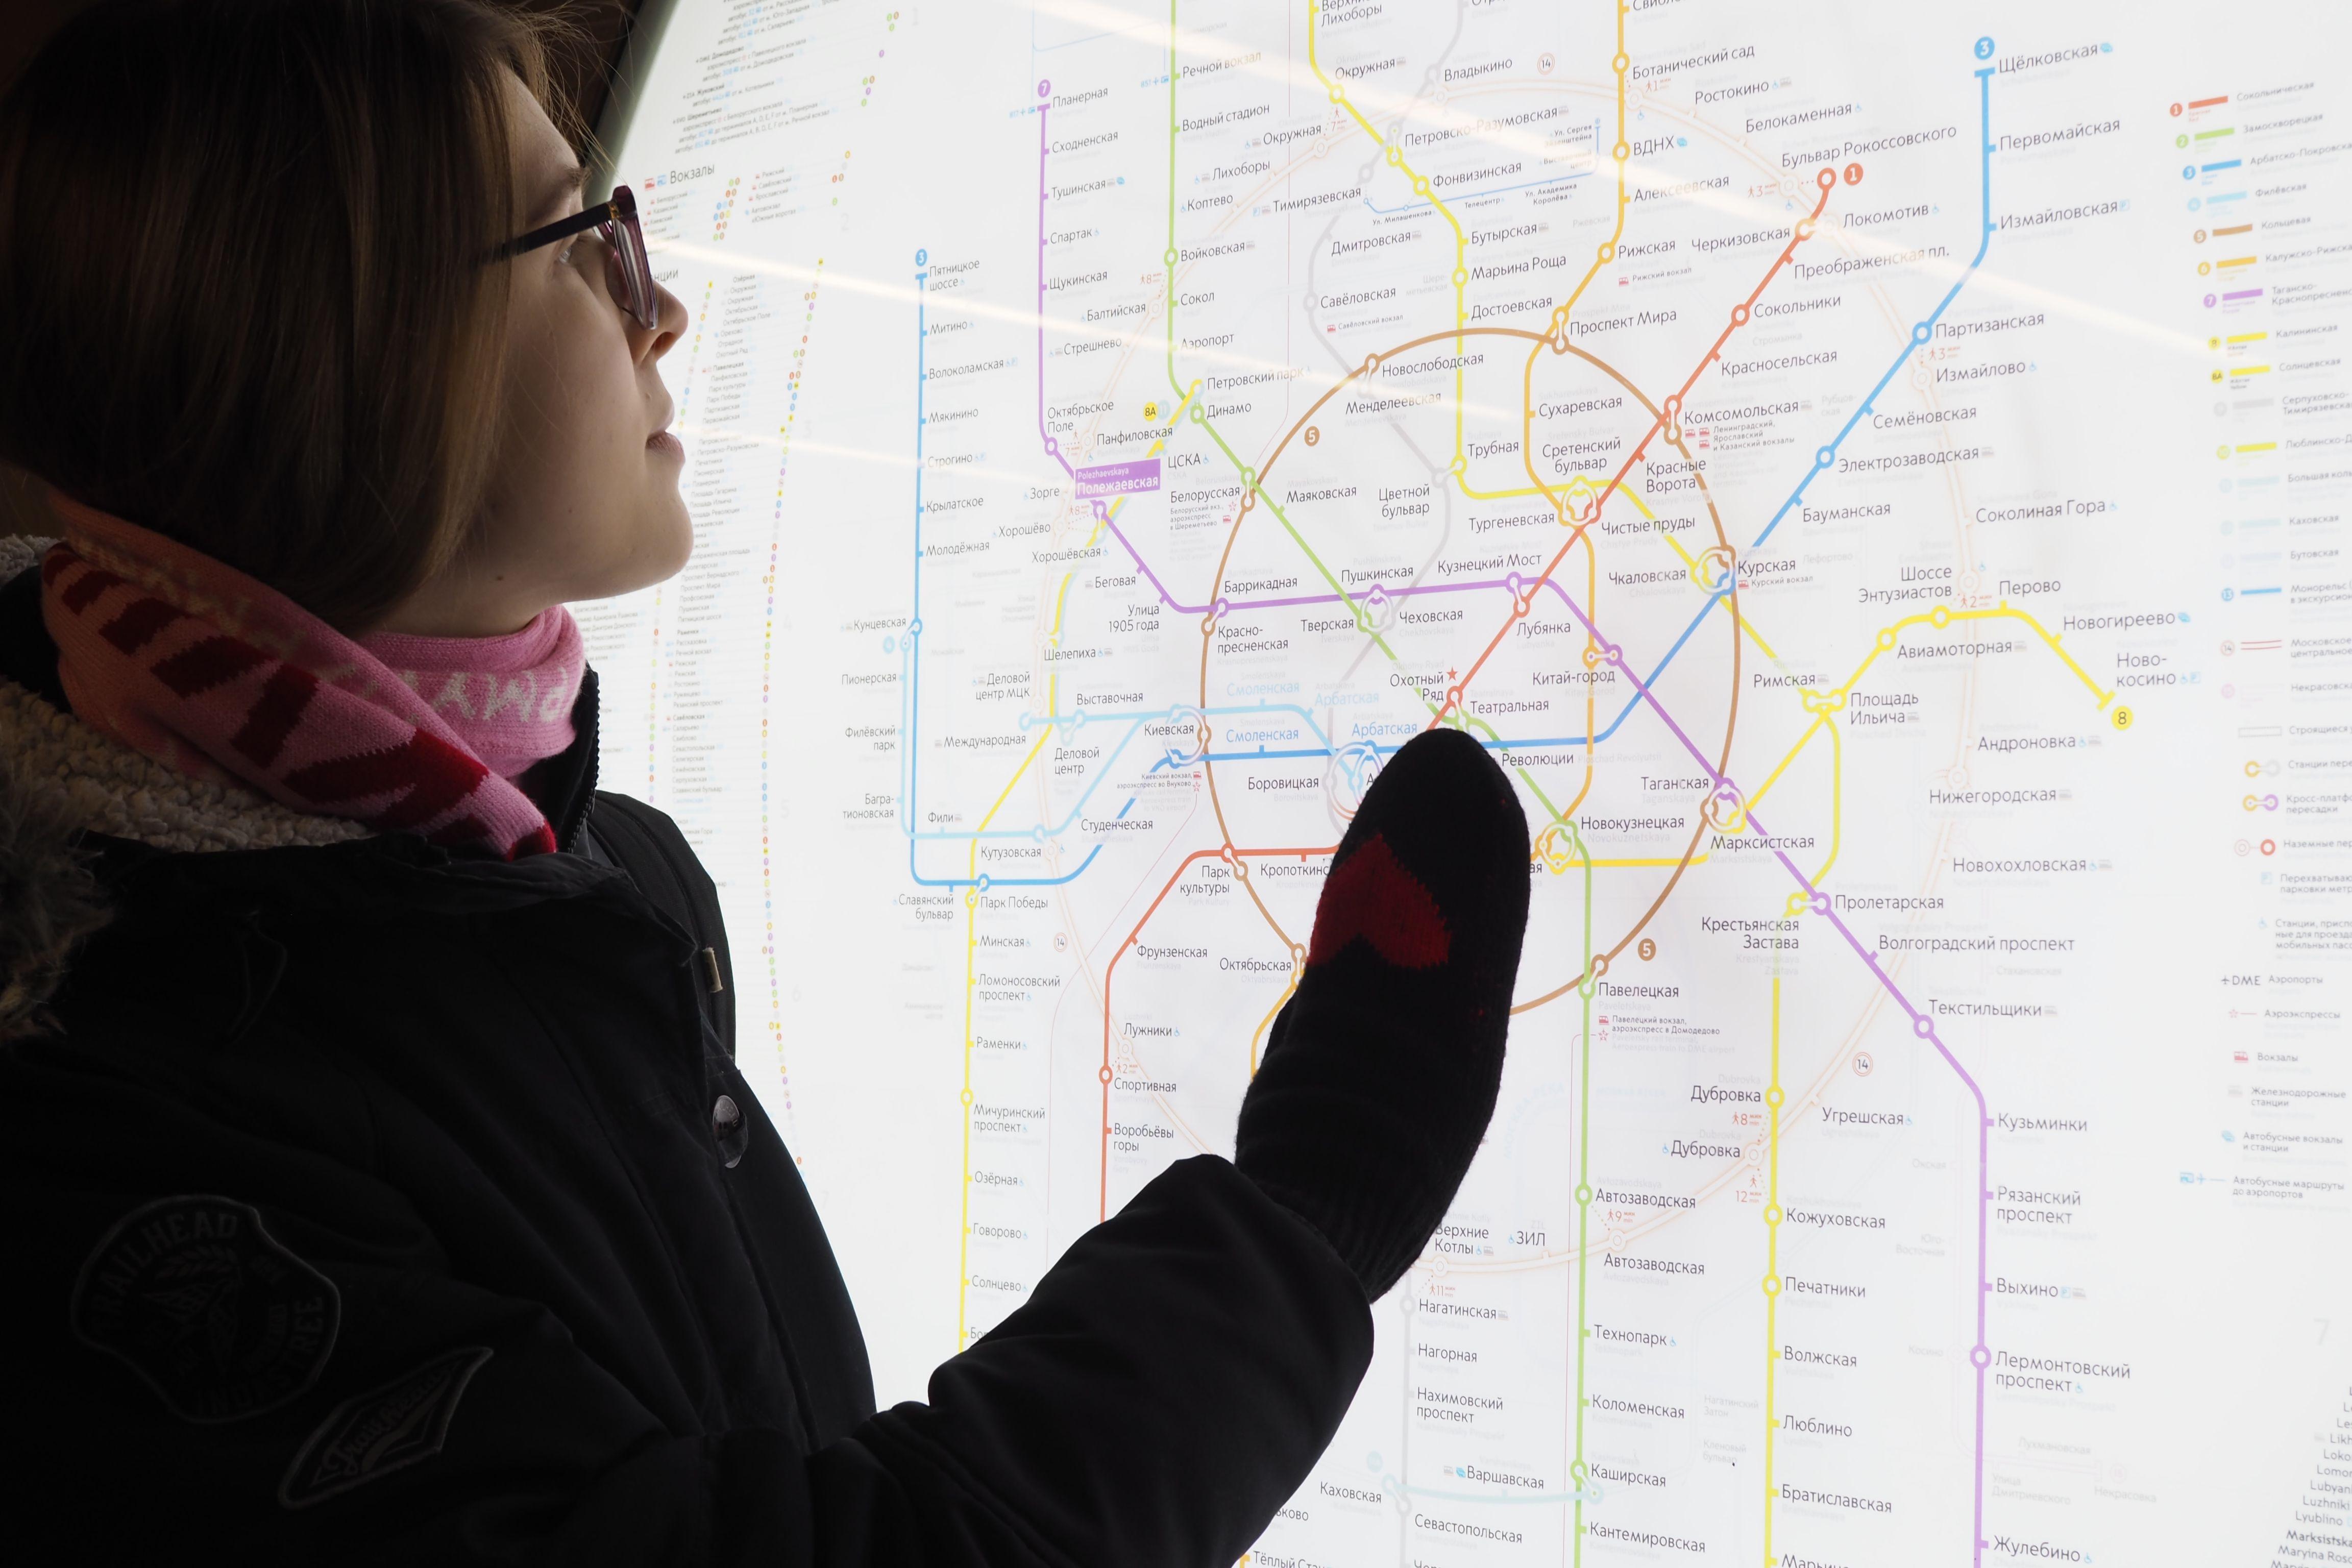 Участок Сокольнической линии закроют 3 марта